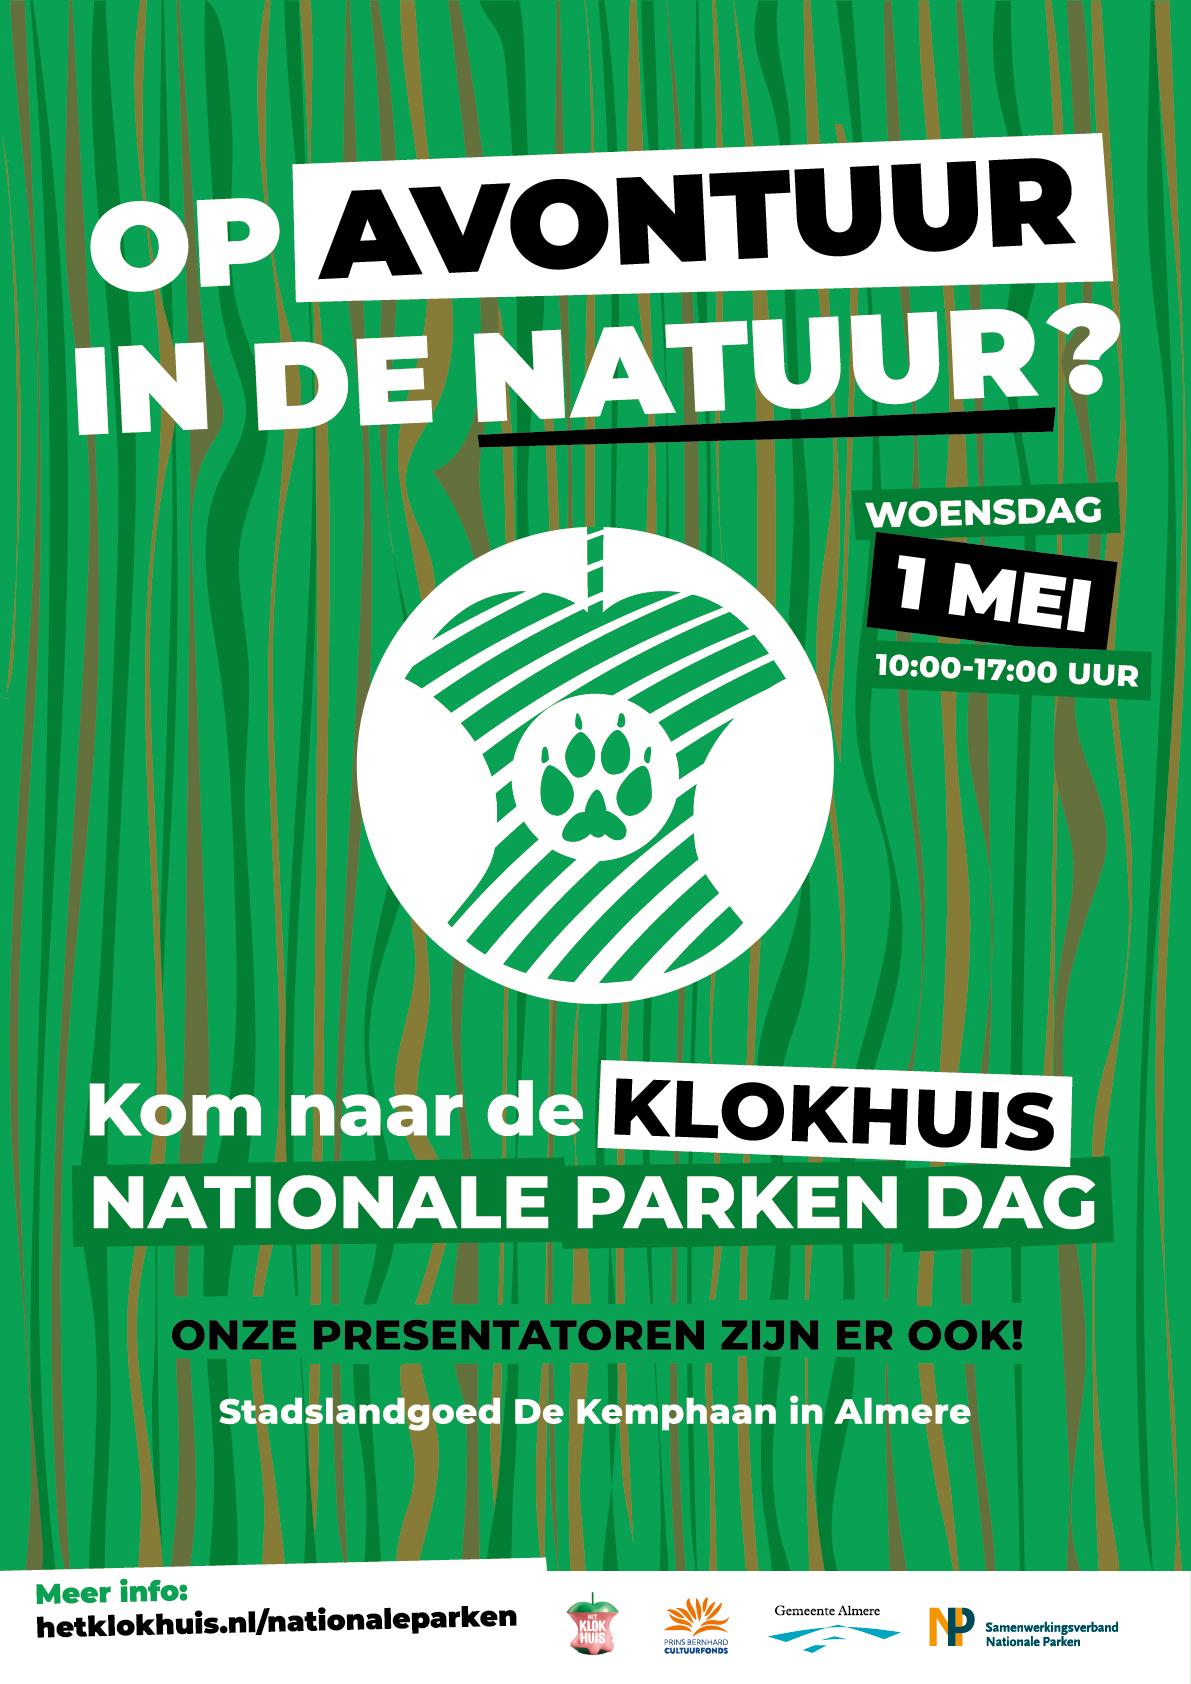 NTR_Klokhuis_NPD_A4